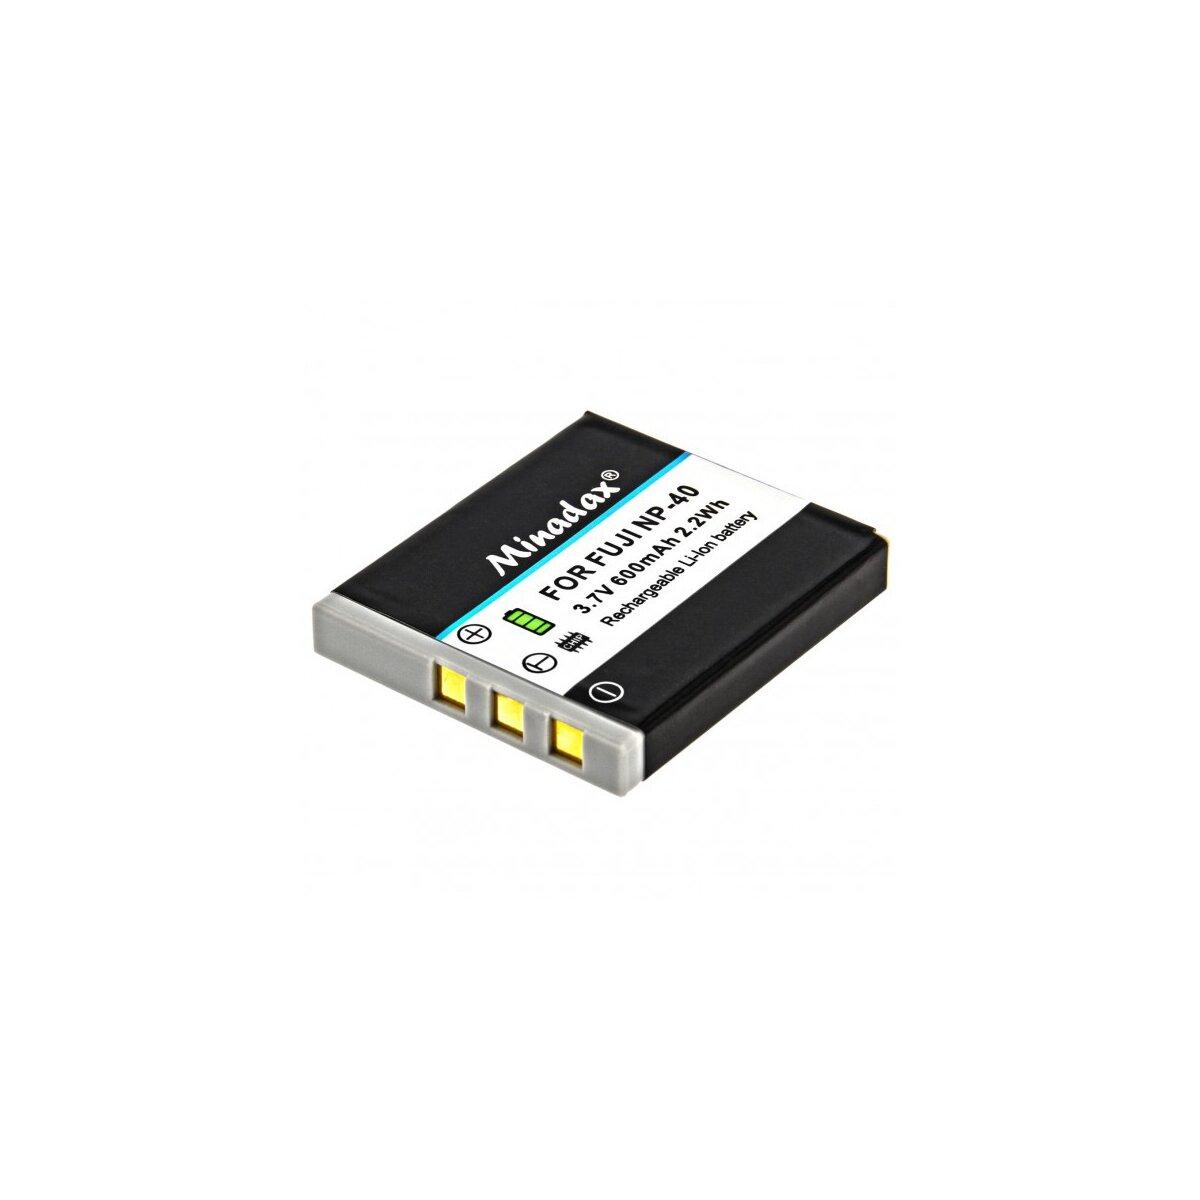 Minadax Qualitätsakku mit echten 600 mAh kompatibel für FujiFilm Ersatz für NP-40 - Intelligentes Akkusystem mit Chip